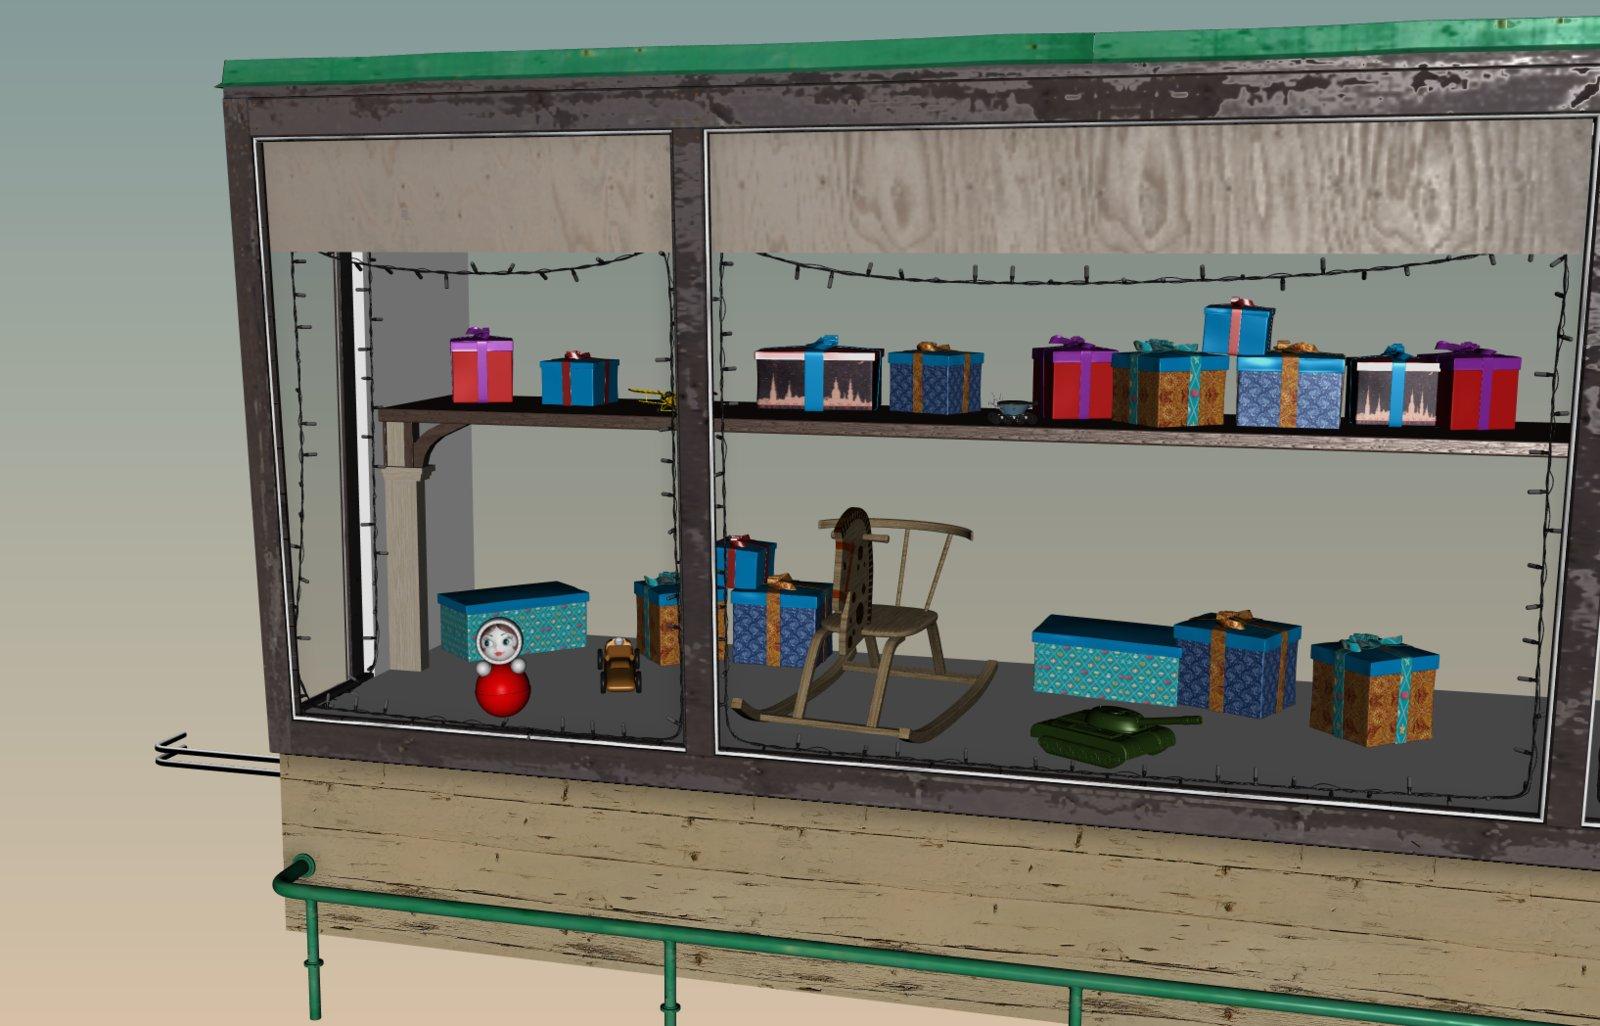 Assets #4: Toy Shop